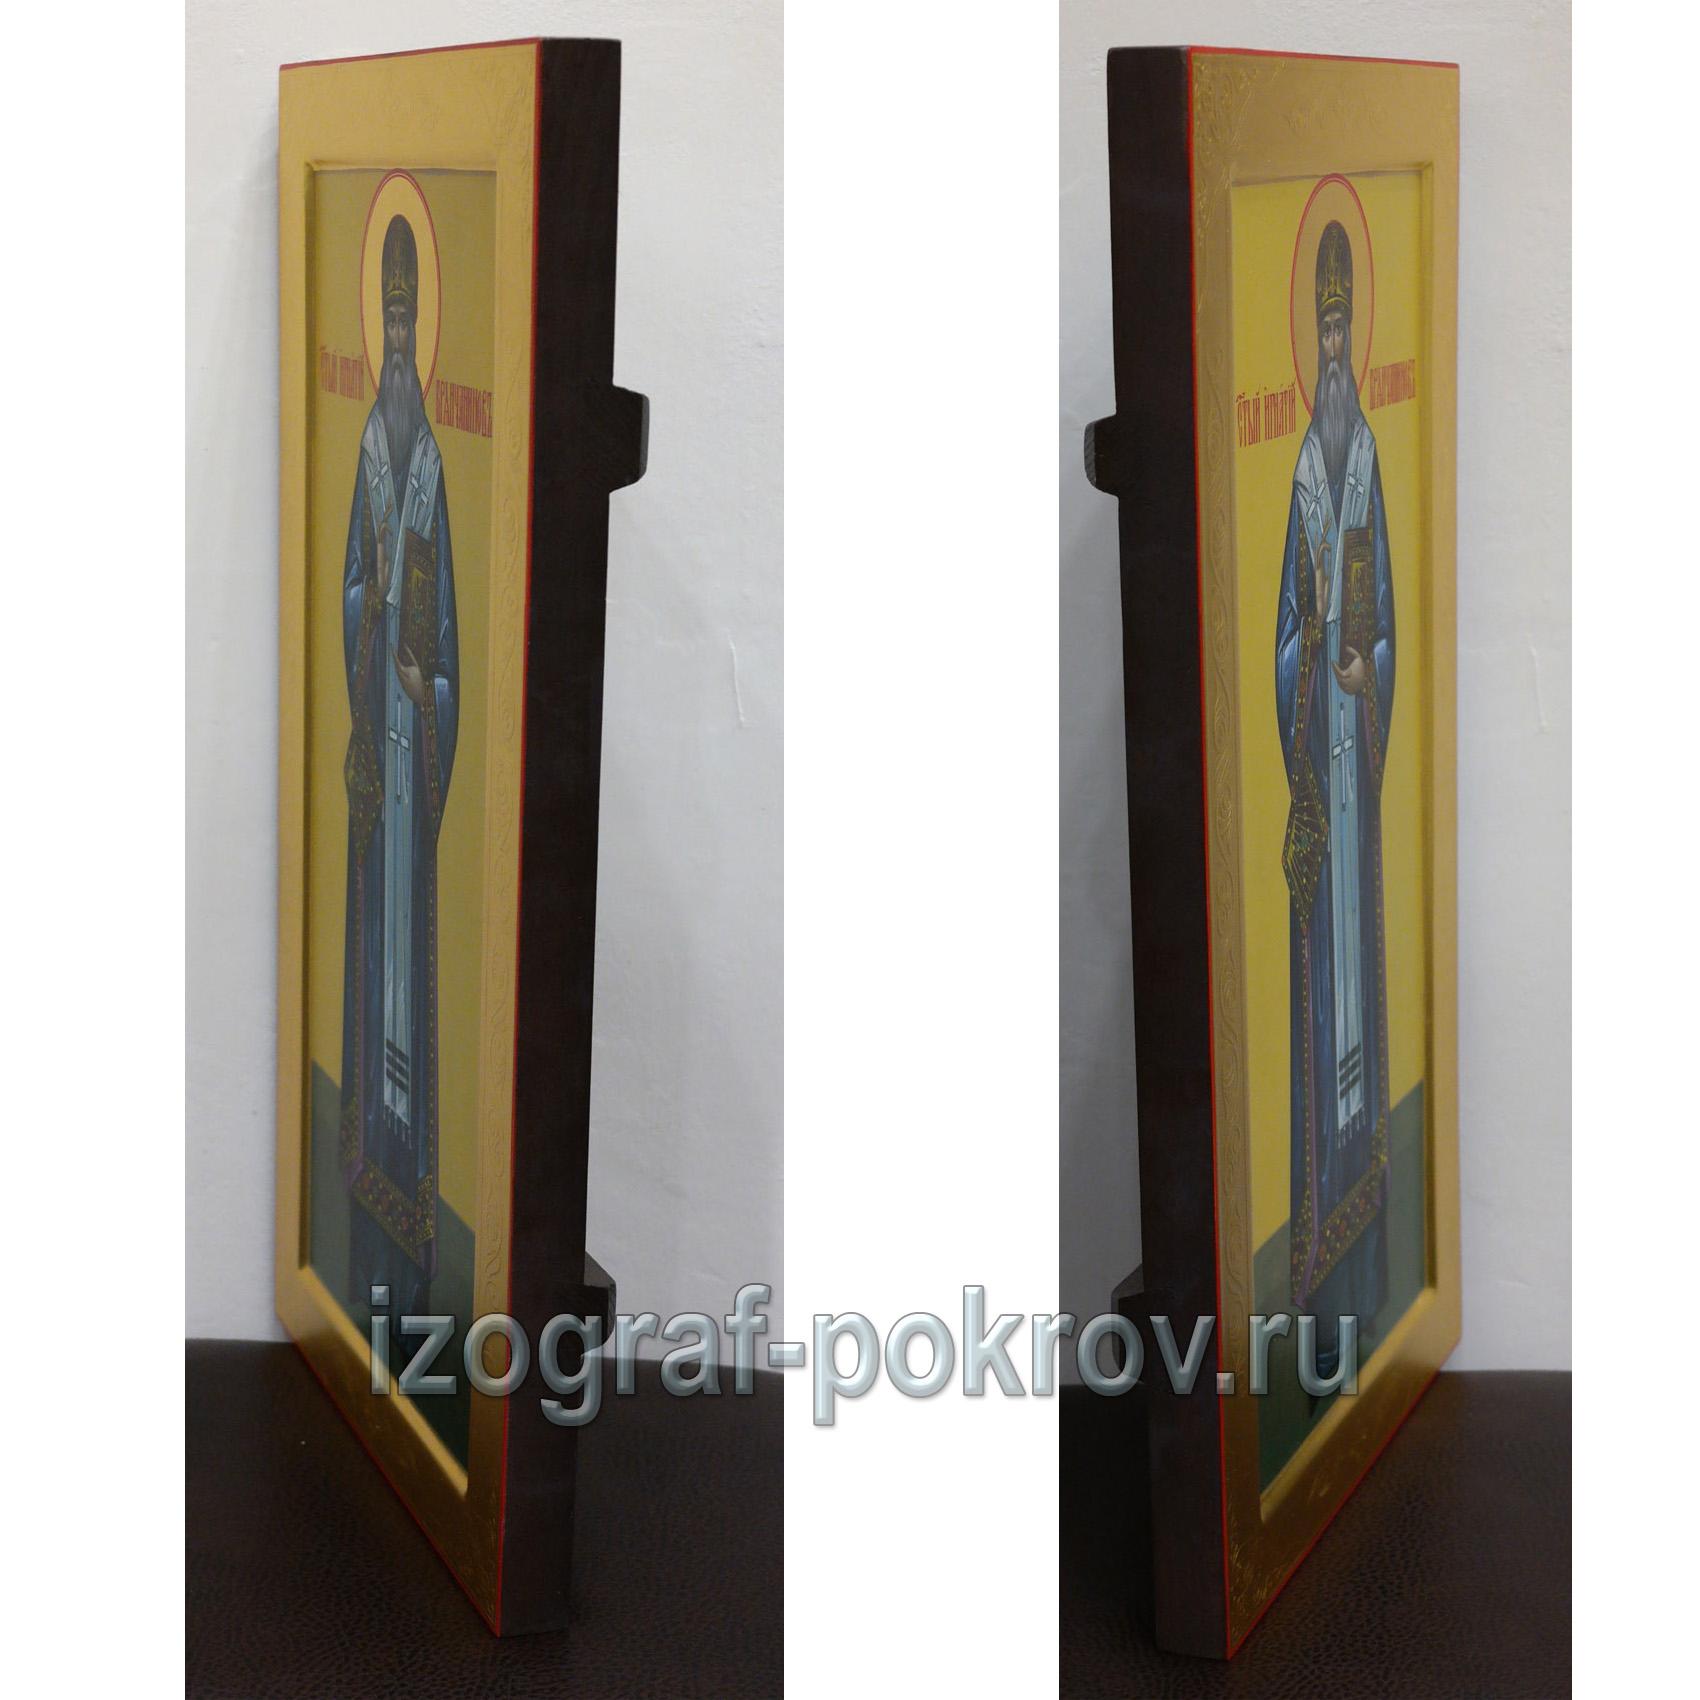 Икона Игнатий Бранчанинов вид сбоку